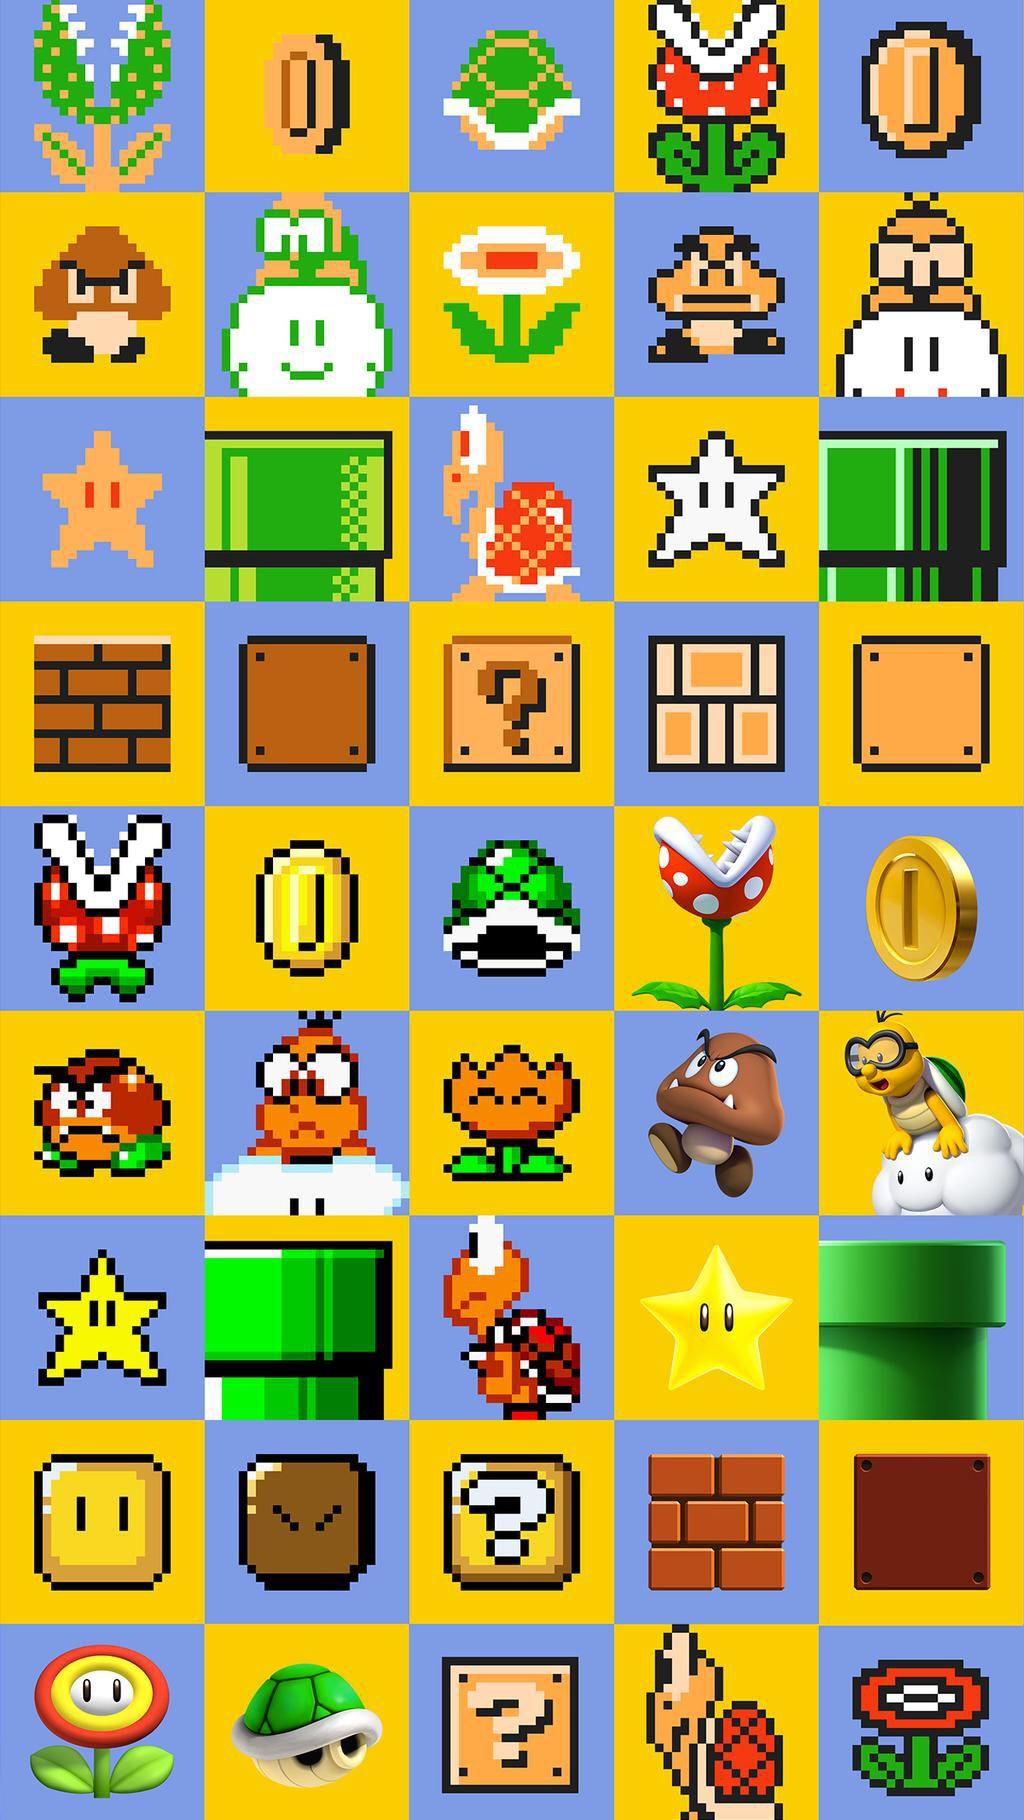 Super Mario Maker Wii U 2015 Com Imagens Papeis De Parede